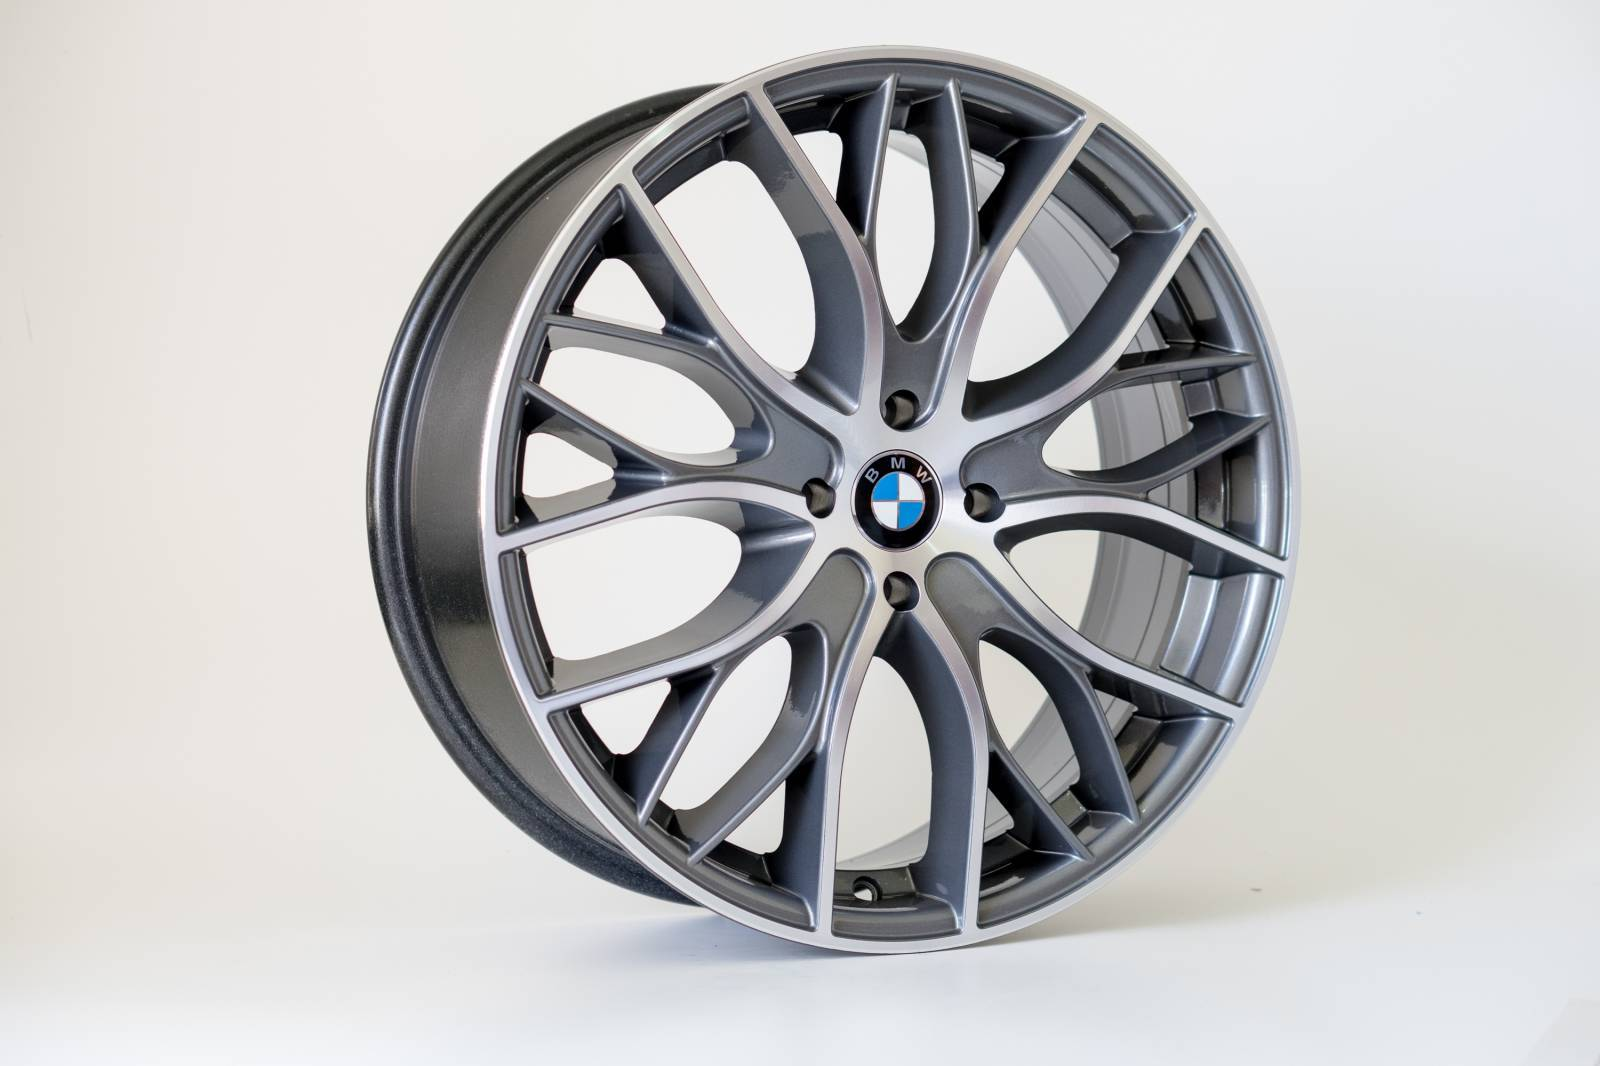 Jogo de 04 Rodas BMW Biturbo KR R54 aro 18 4x100  GD